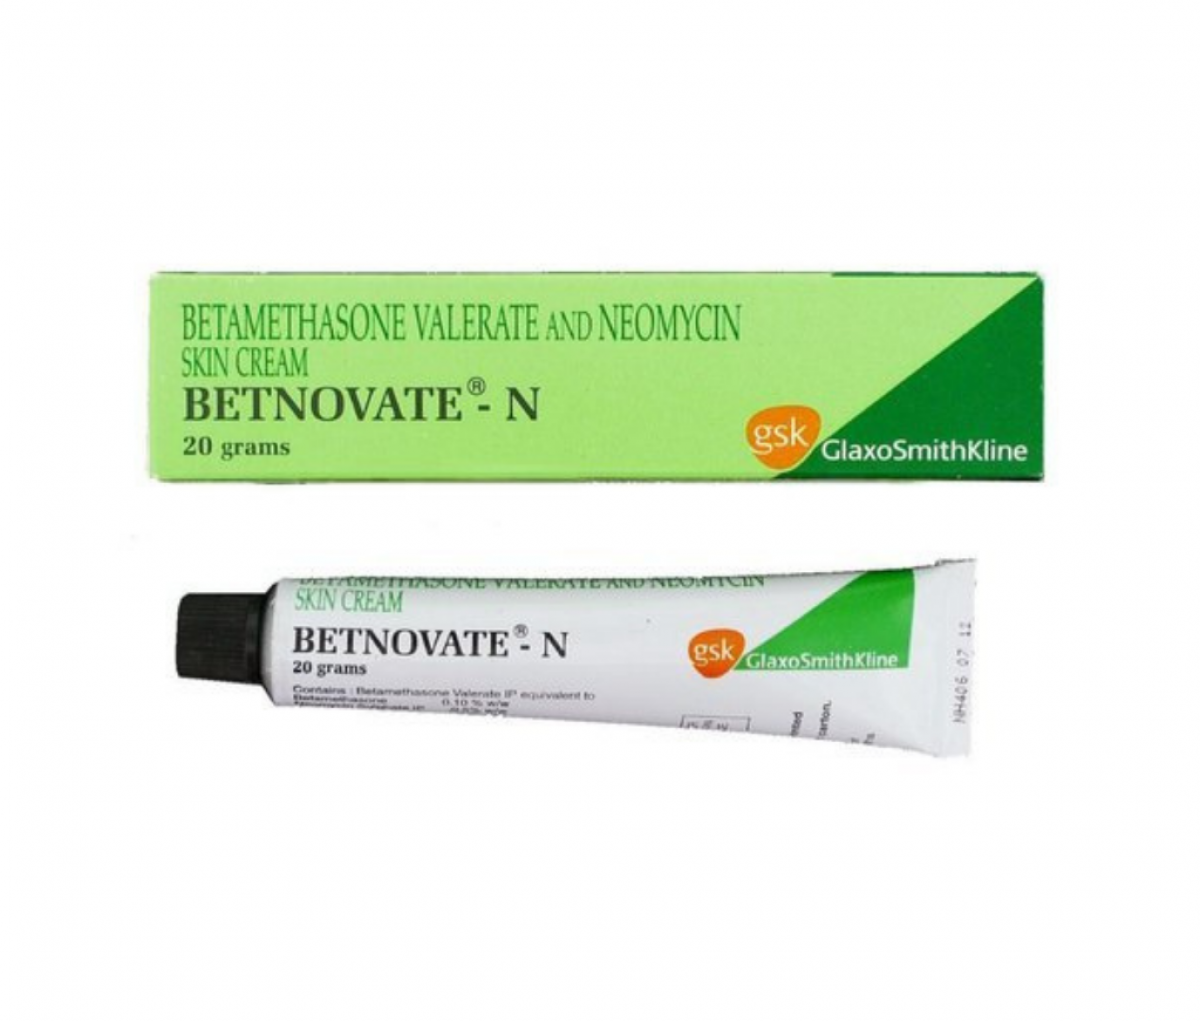 Betnovate N Cream 20g - India